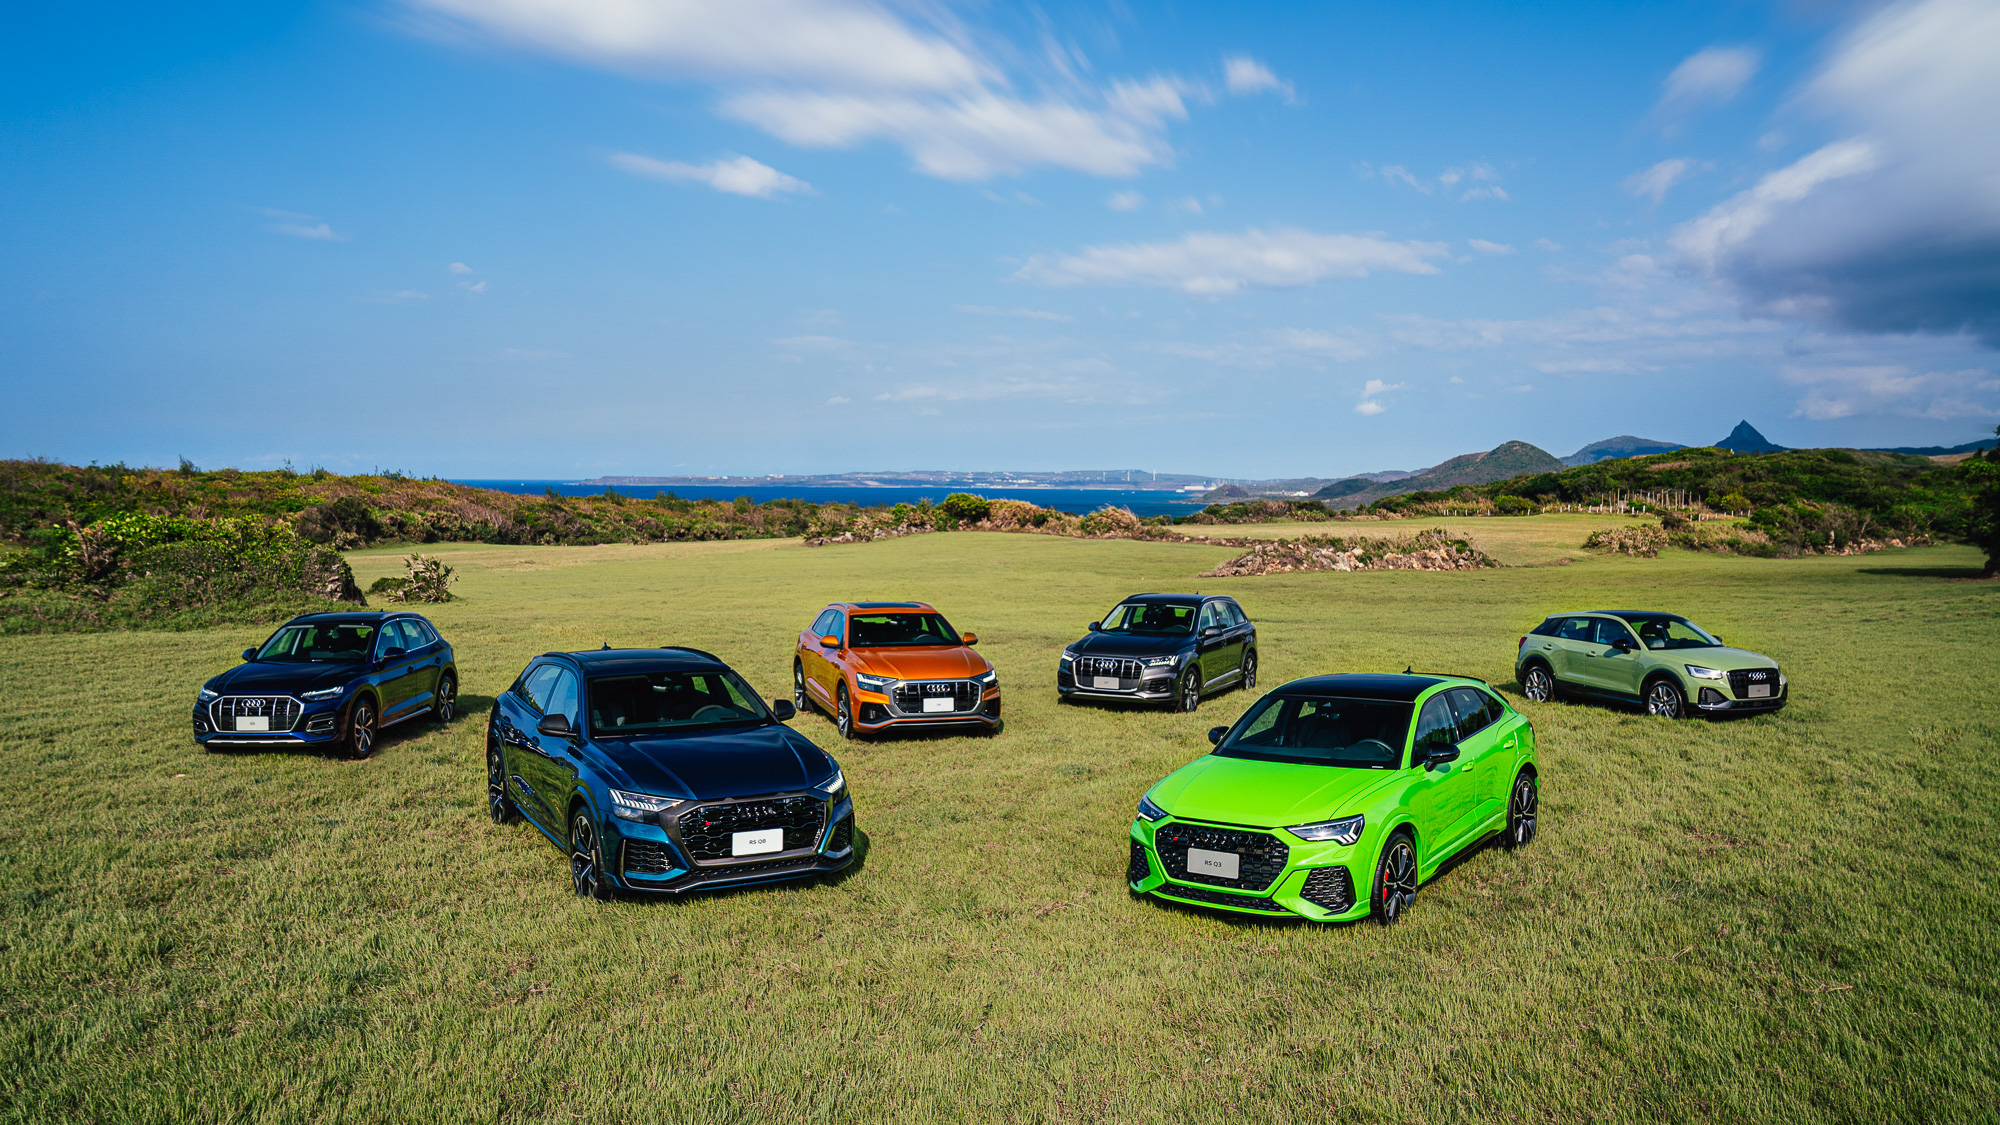 ▲ 2022 年式 Audi 全車系開始預售!Q7 具雙重動力選擇、Q3 Sportback 40 TFSI 新動力入列